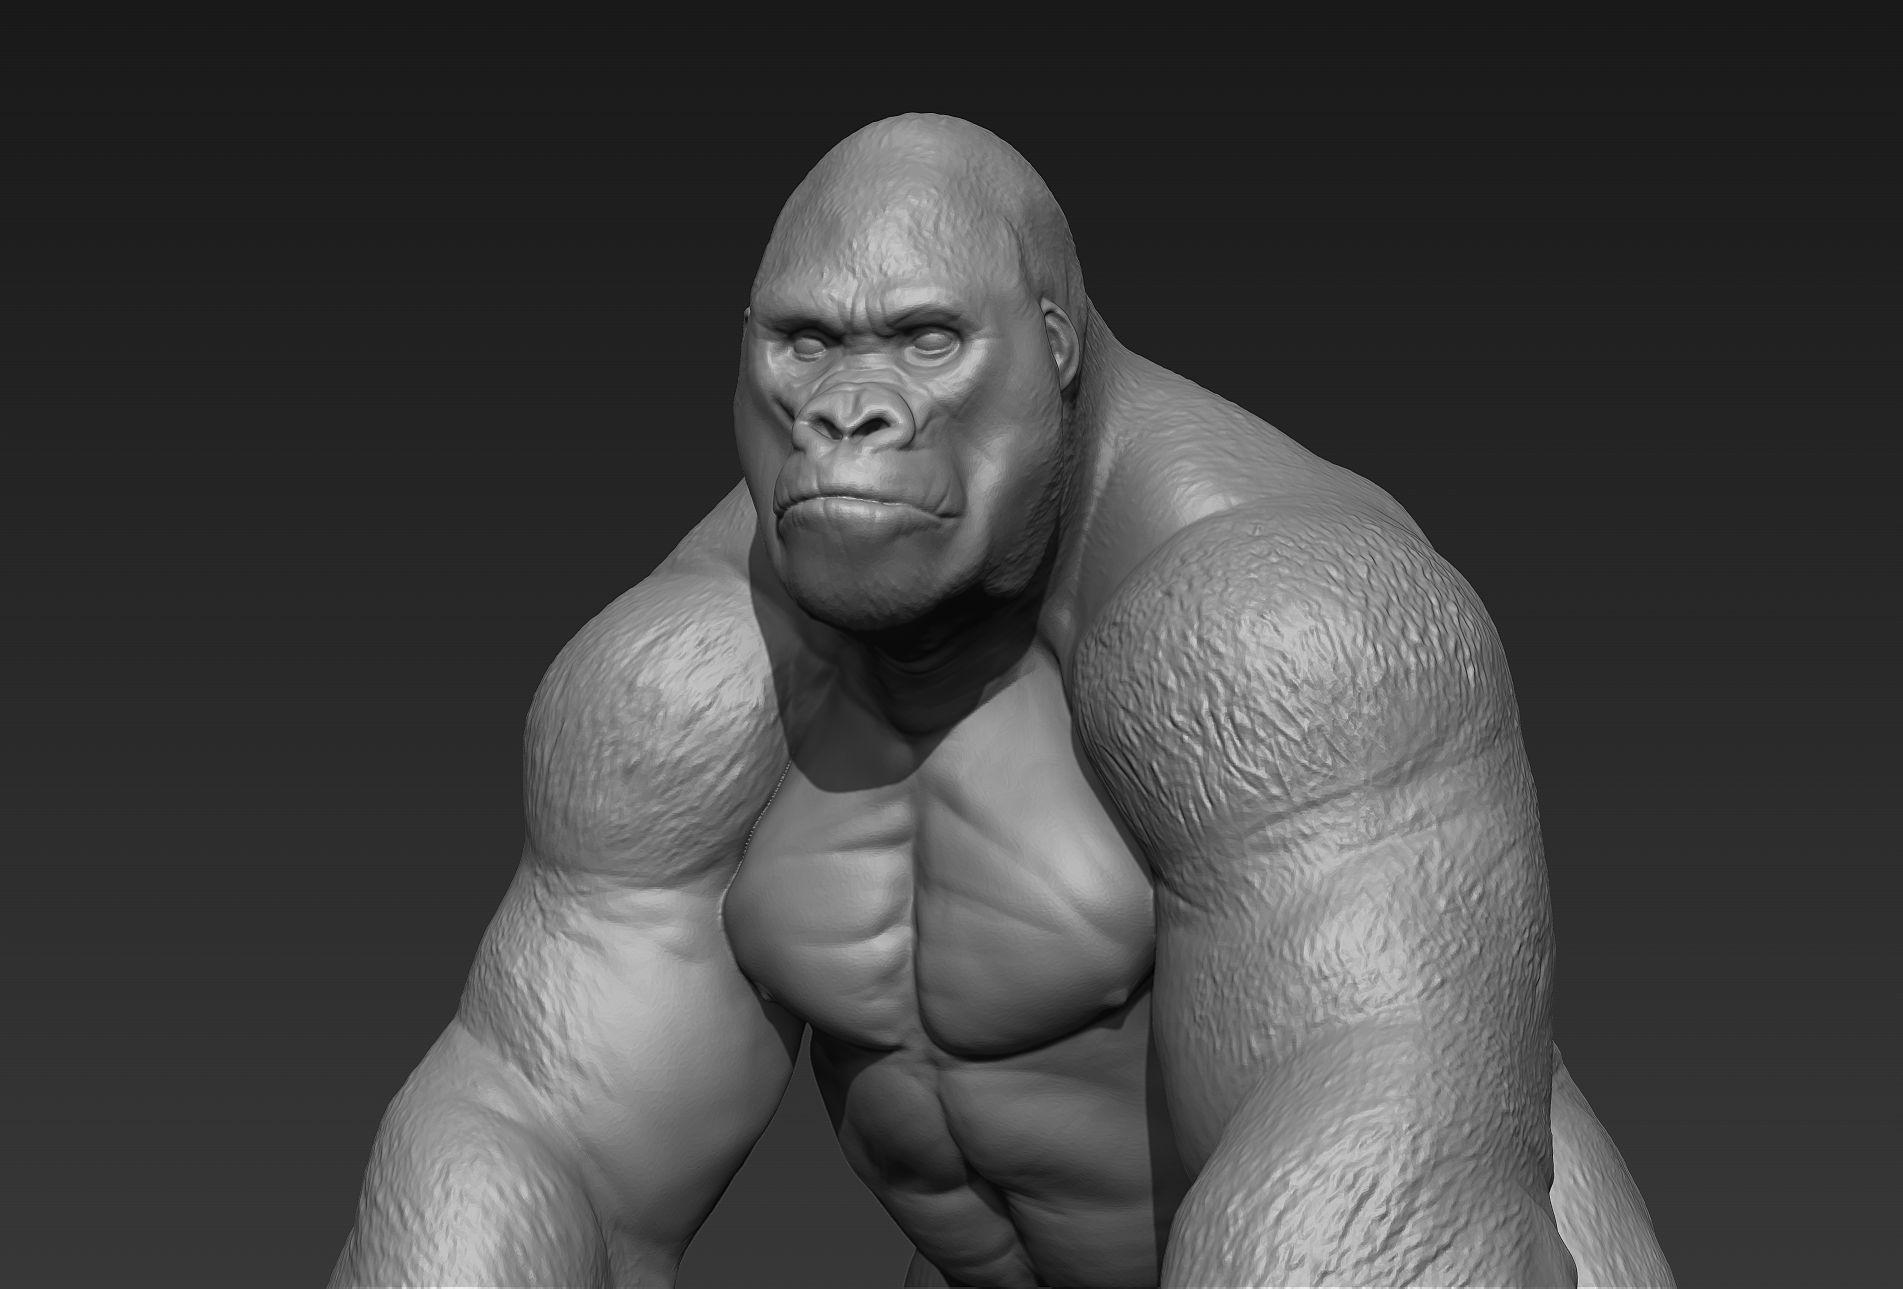 Gorilla 3d Print Ready